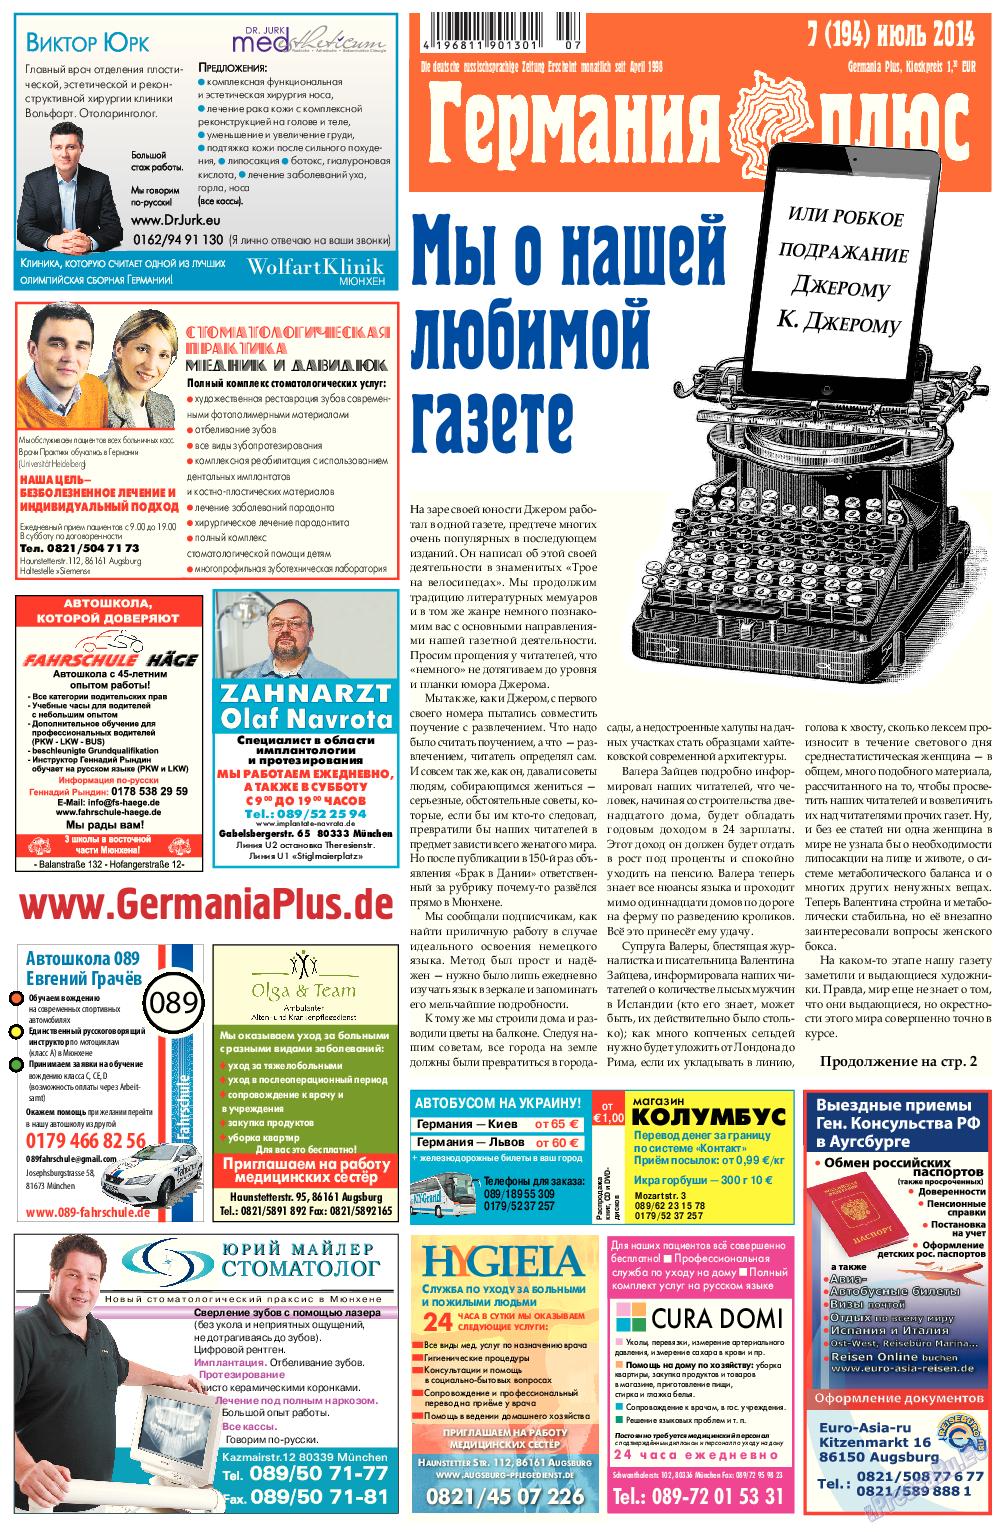 Германия плюс (газета). 2014 год, номер 7, стр. 1